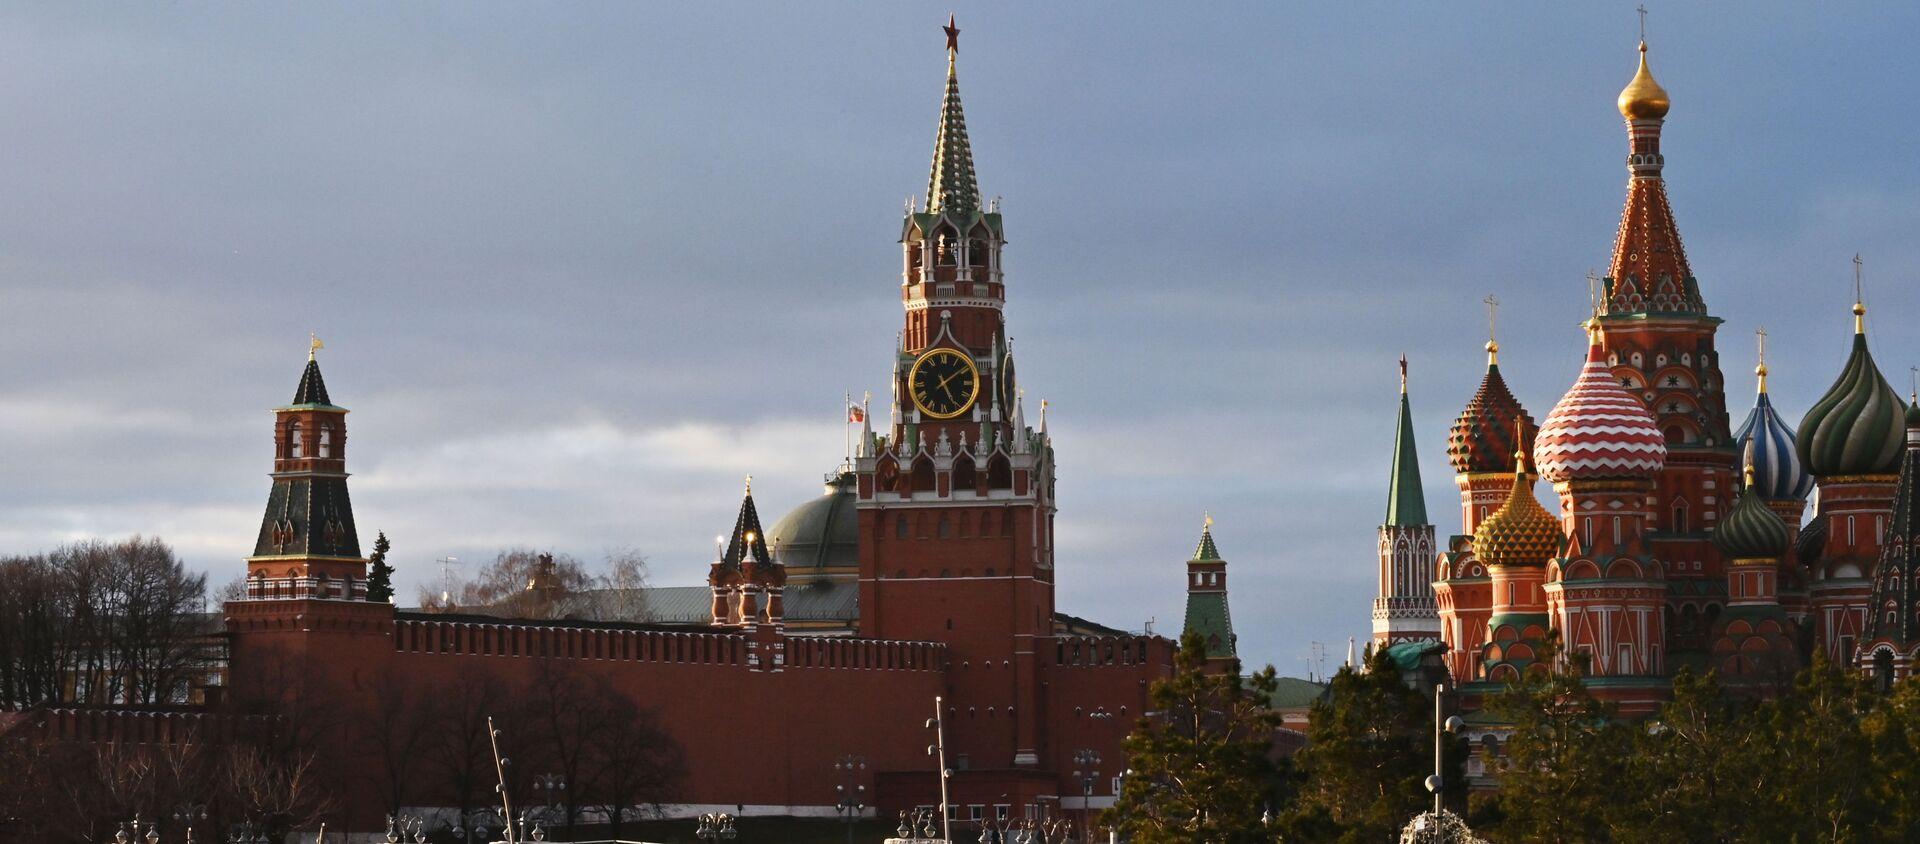 Вид на Кремль в центре Москвы, фото из архива - Sputnik Азербайджан, 1920, 29.03.2021